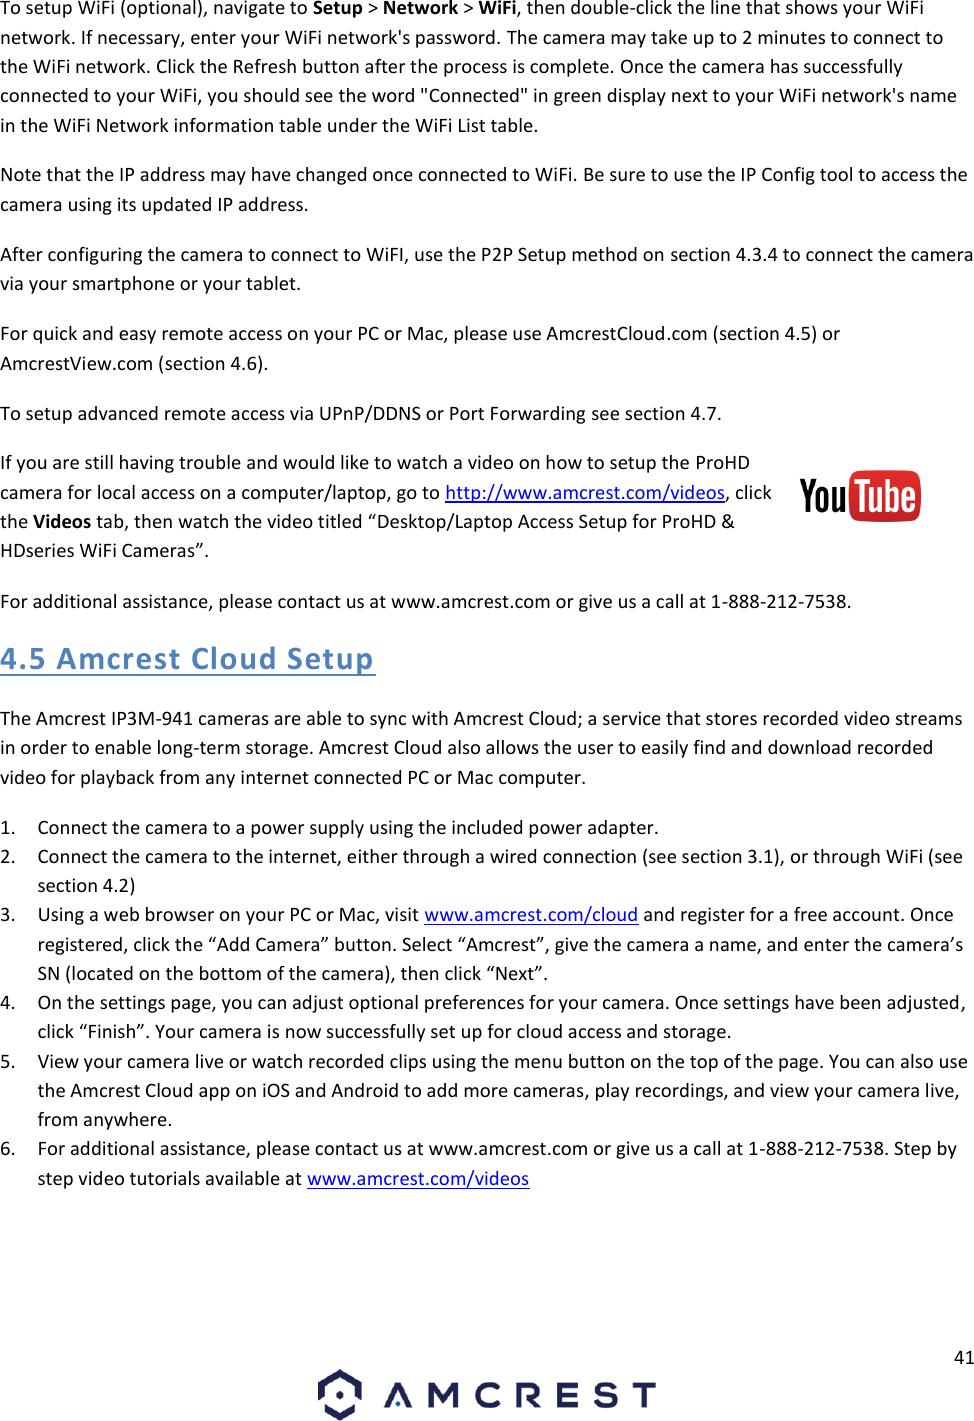 Amcrest Technologies AMC017 2K Dual Band Pan/Tilt Wireless